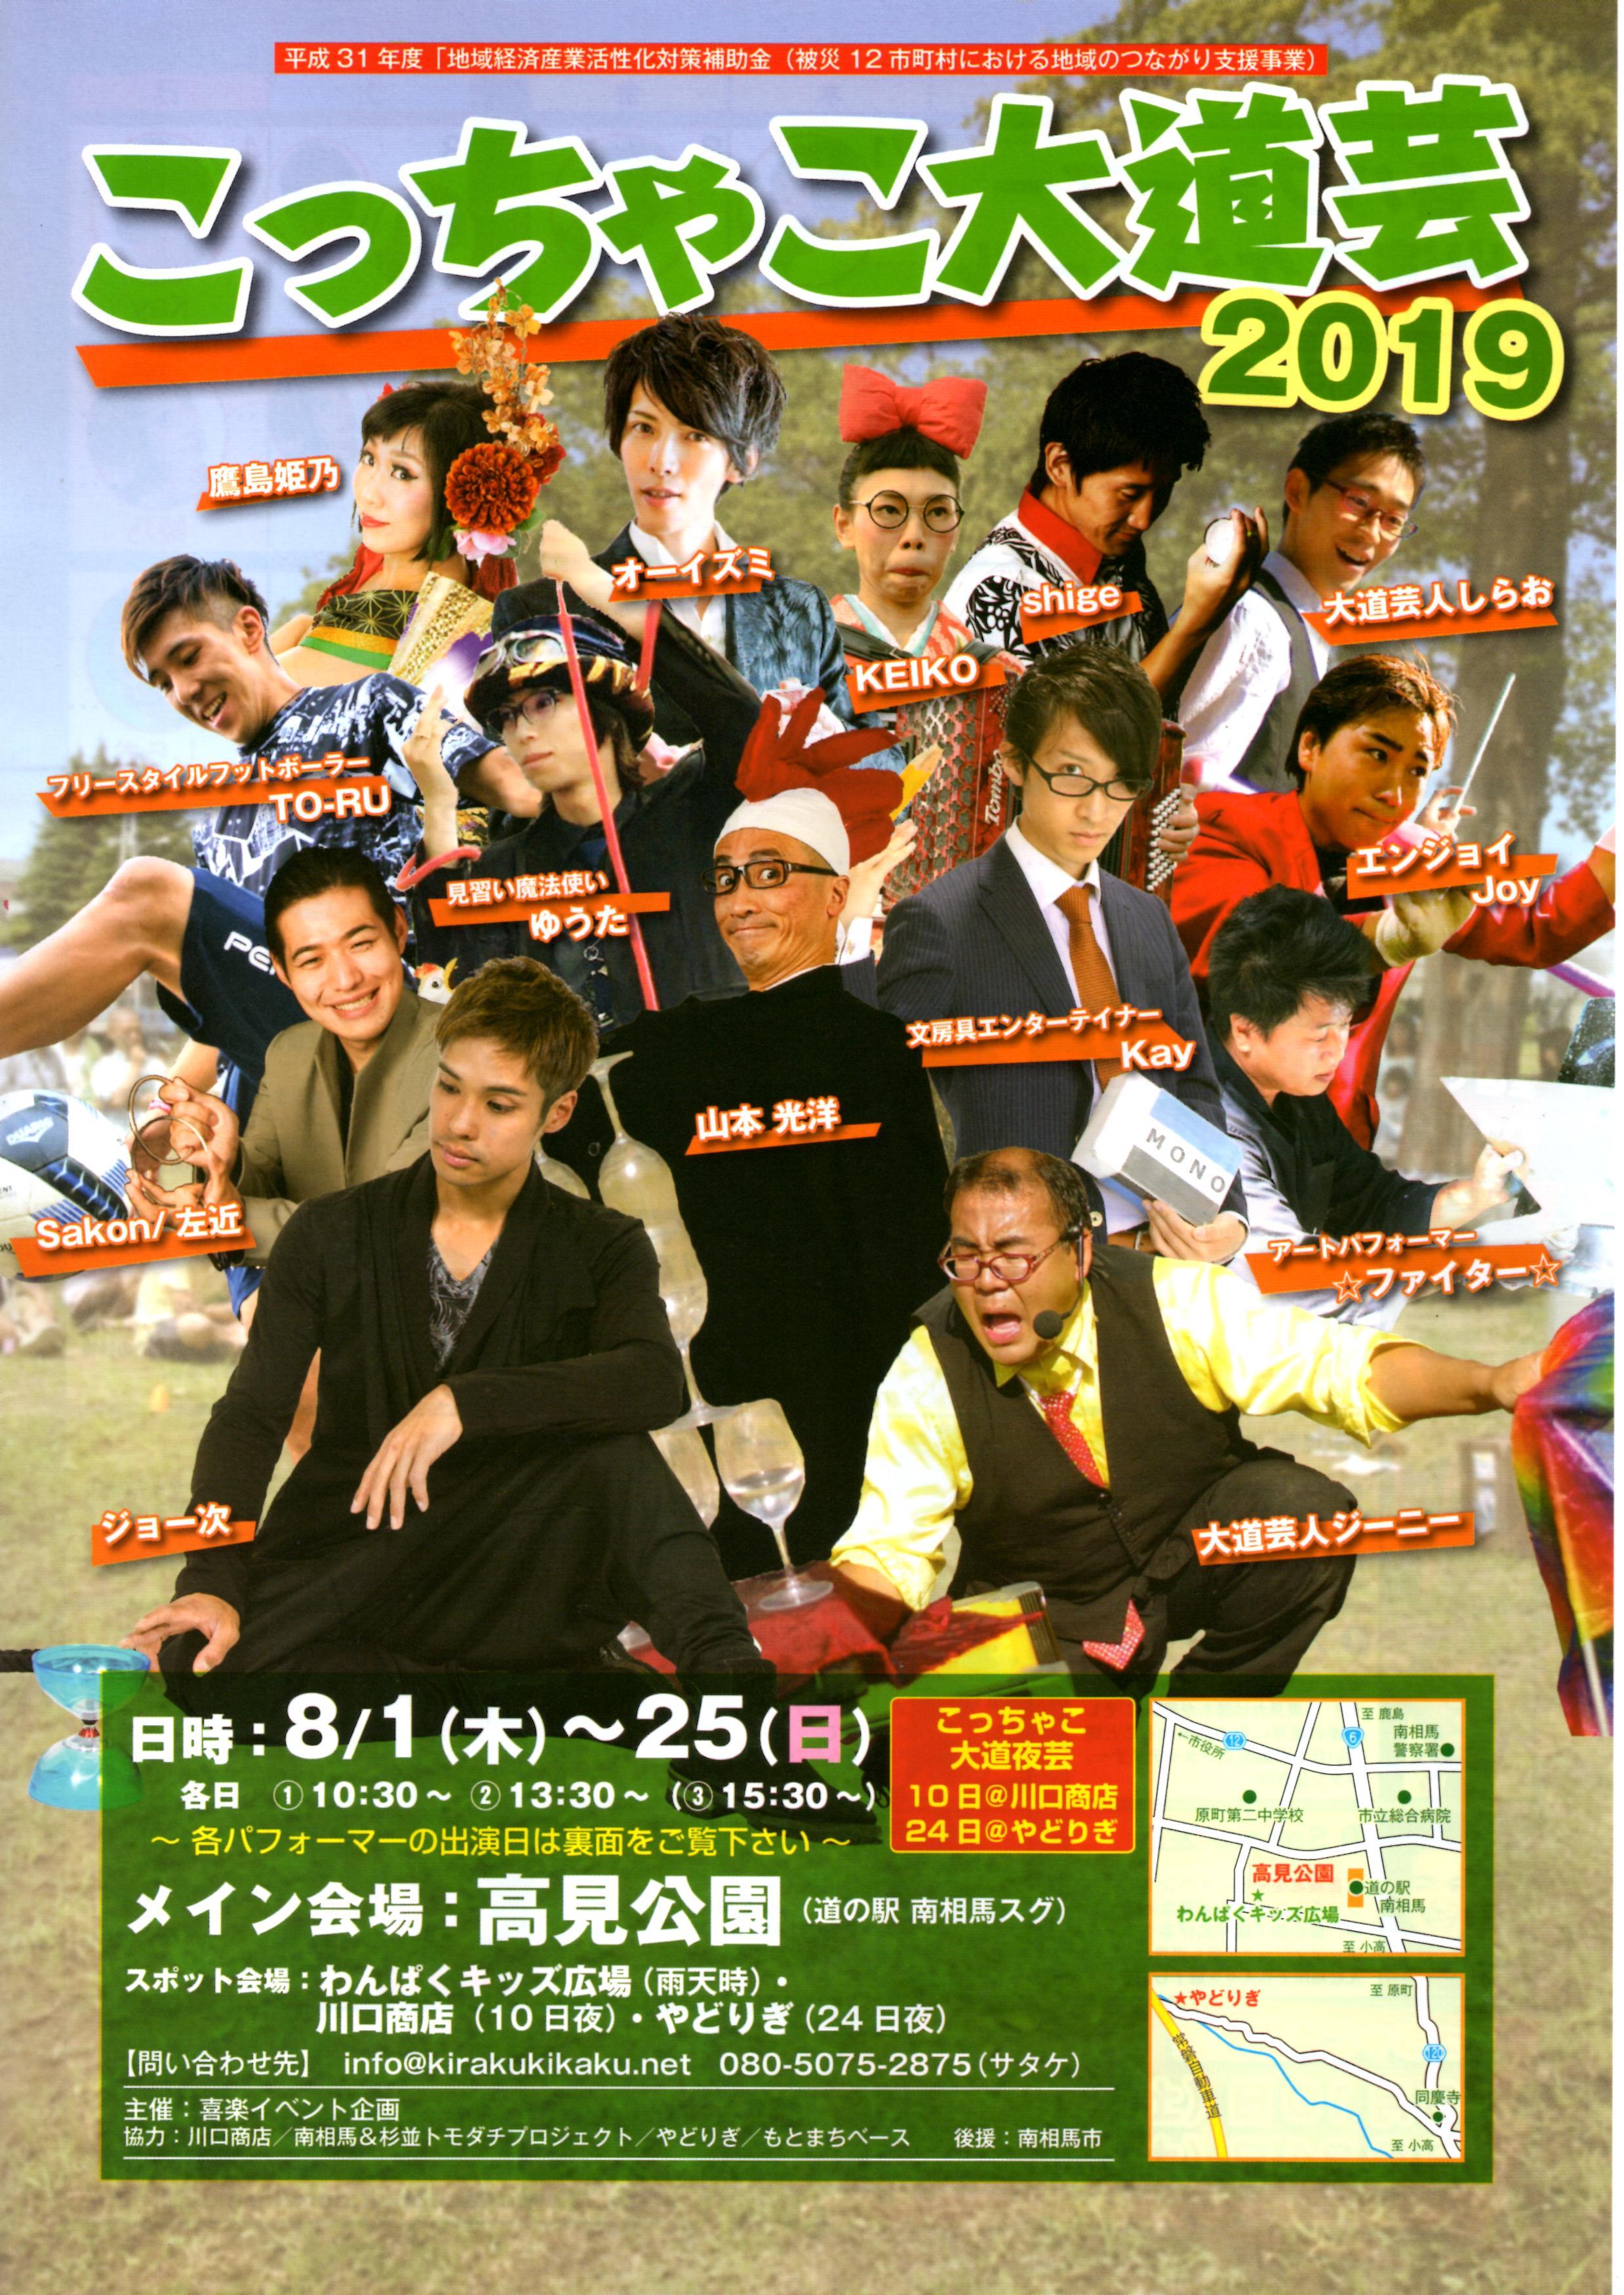 (8/25まで)こっちゃこ大道芸2019 @ 高見公園